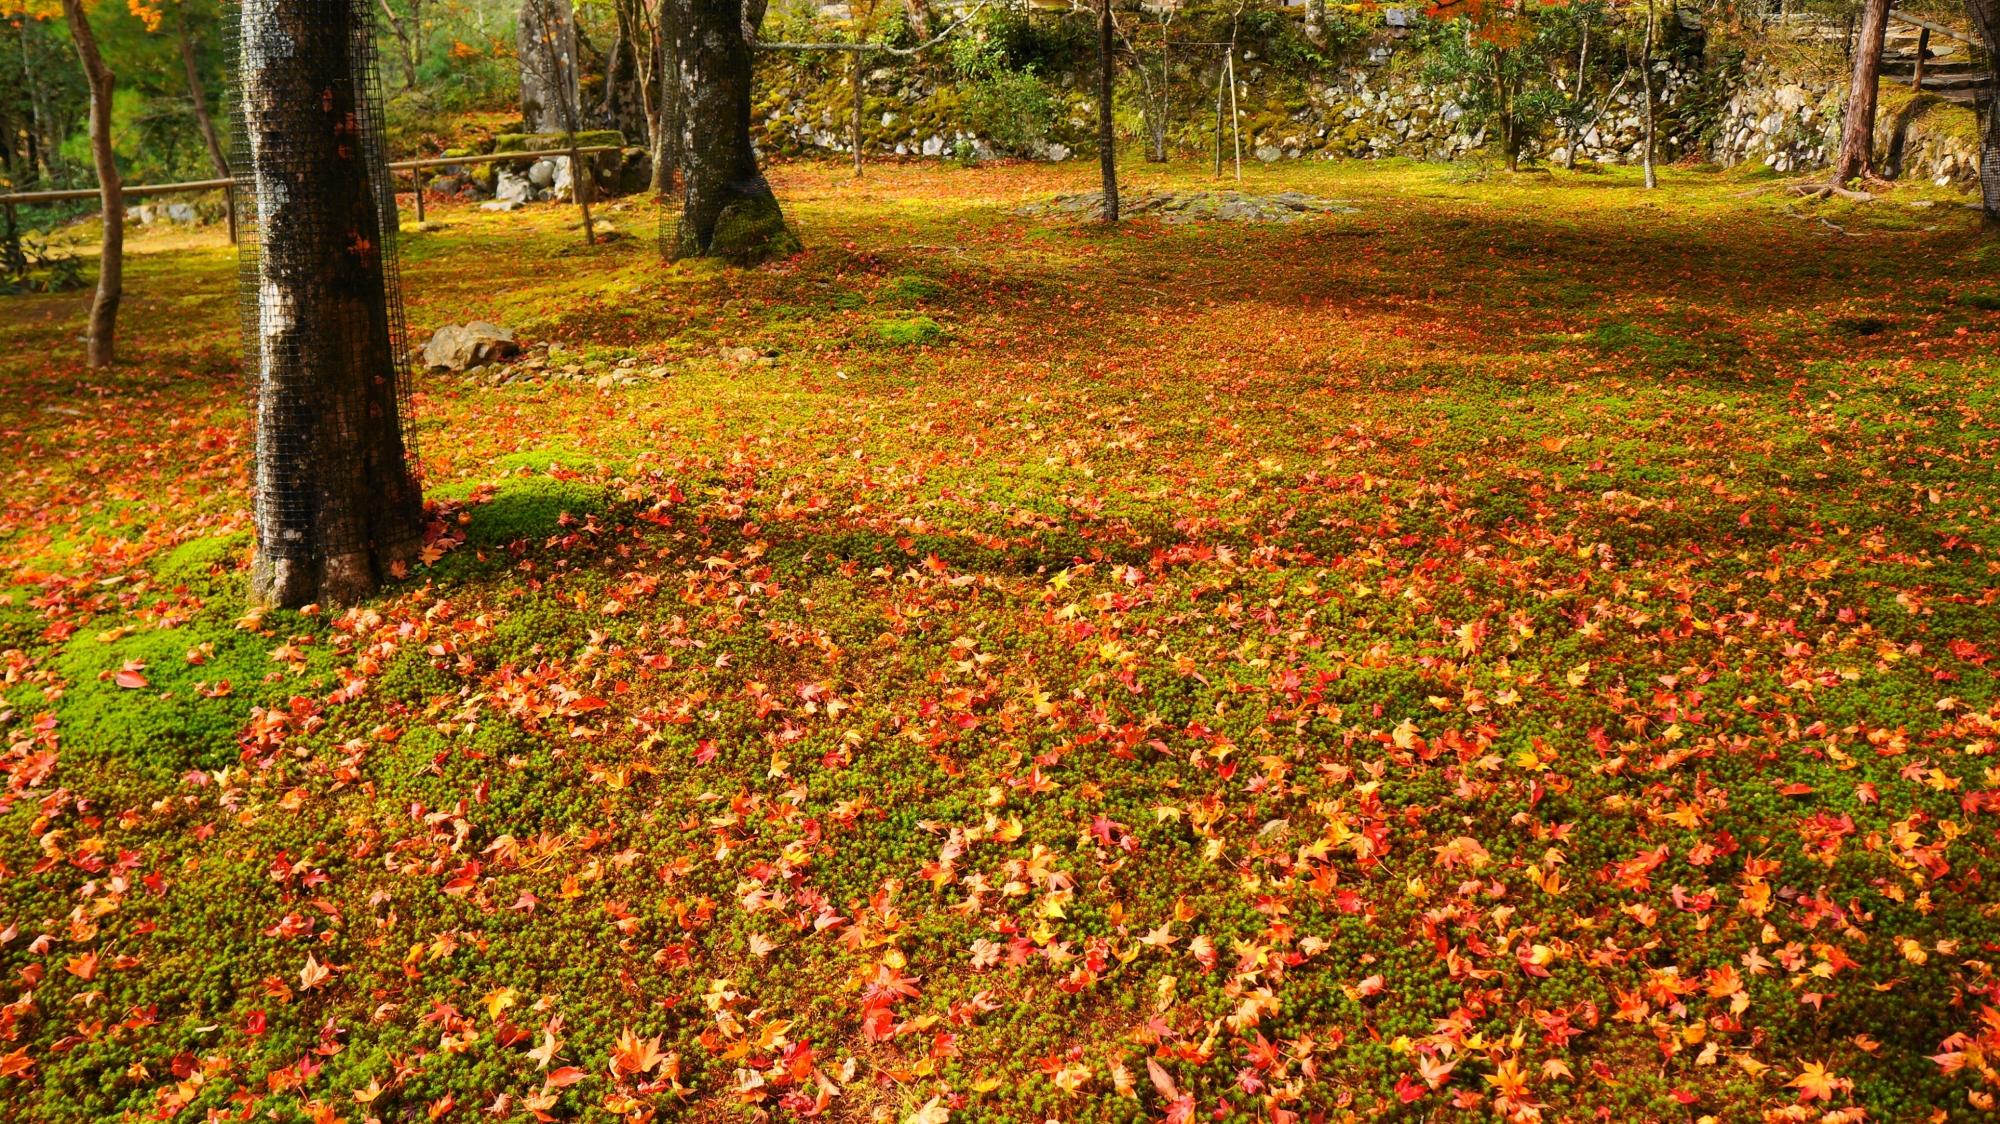 神護寺の錦雲渓前の苔と散り紅葉